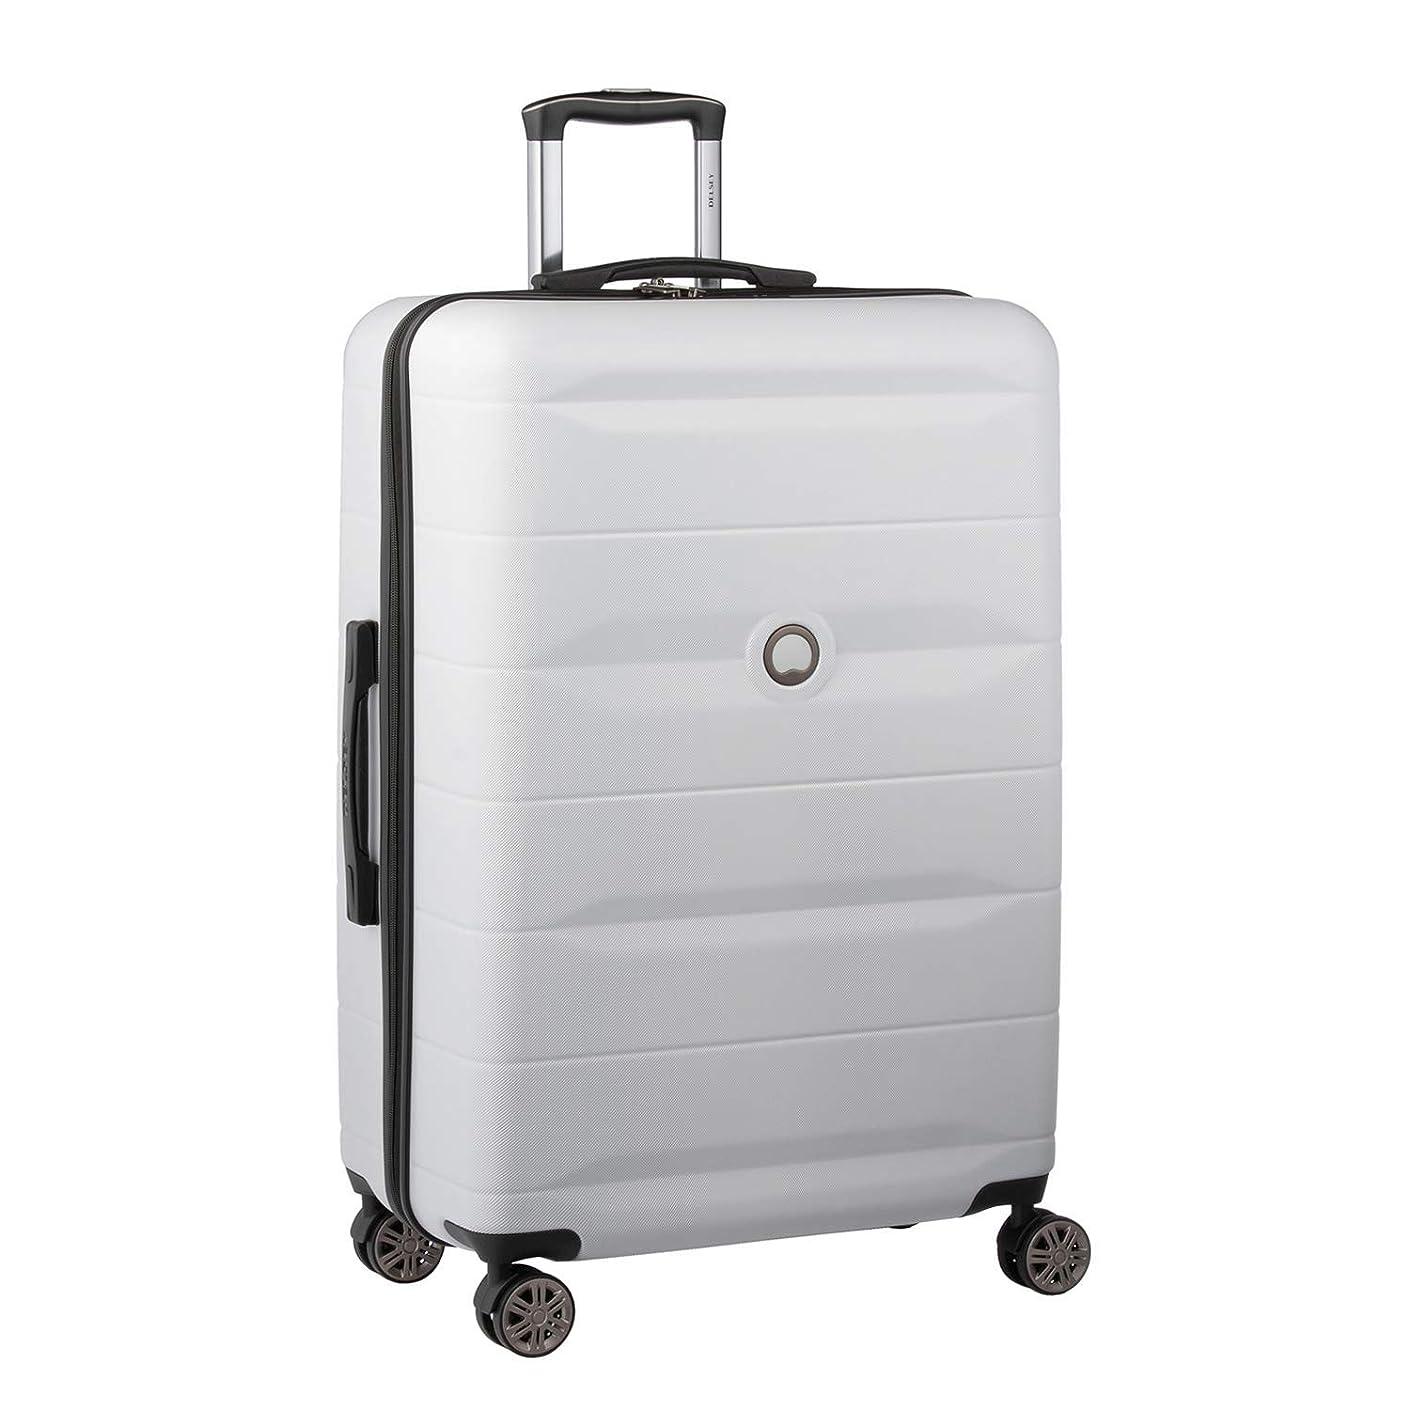 品揃え葉を拾う電気技師Delsey デルセー COMETE スーツケース キャリーケース キャリーバッグ 機内持ち込み Sサイズ/Mサイズ/Lサイズ ABS&PC素材 軽量 TSAロック搭載 3年国際保証付